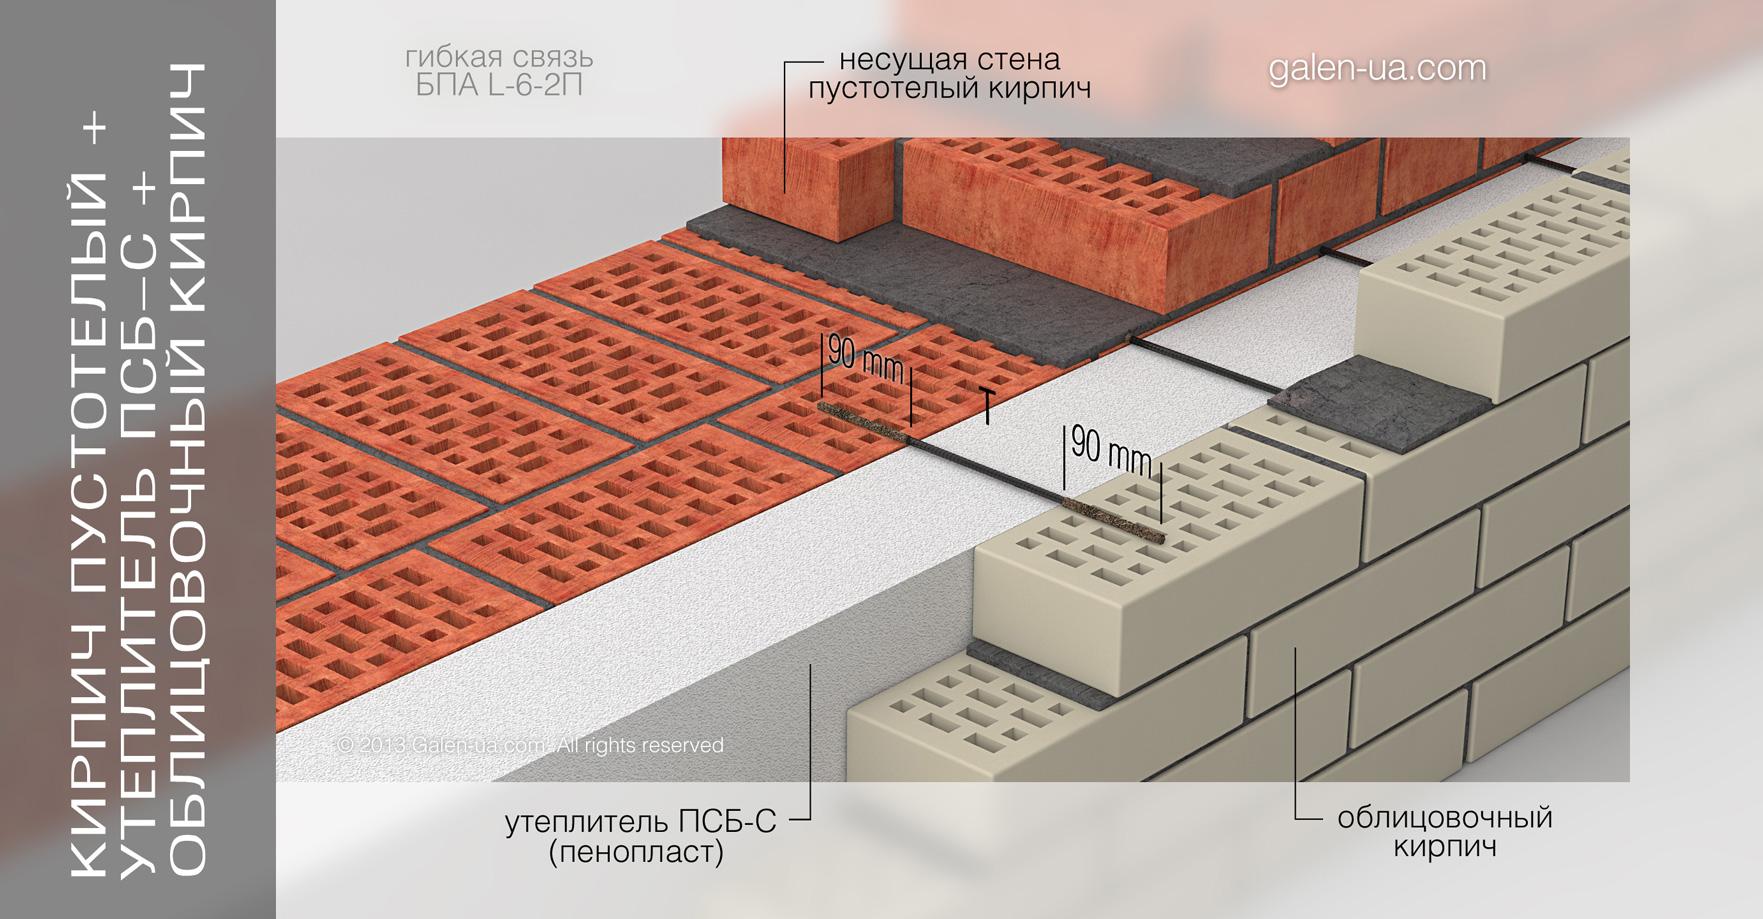 Гибкая связь БПА L-6-2П: Кирпич пустотелый + Утеплитель ПСБ-С + Облицовочный кирпич